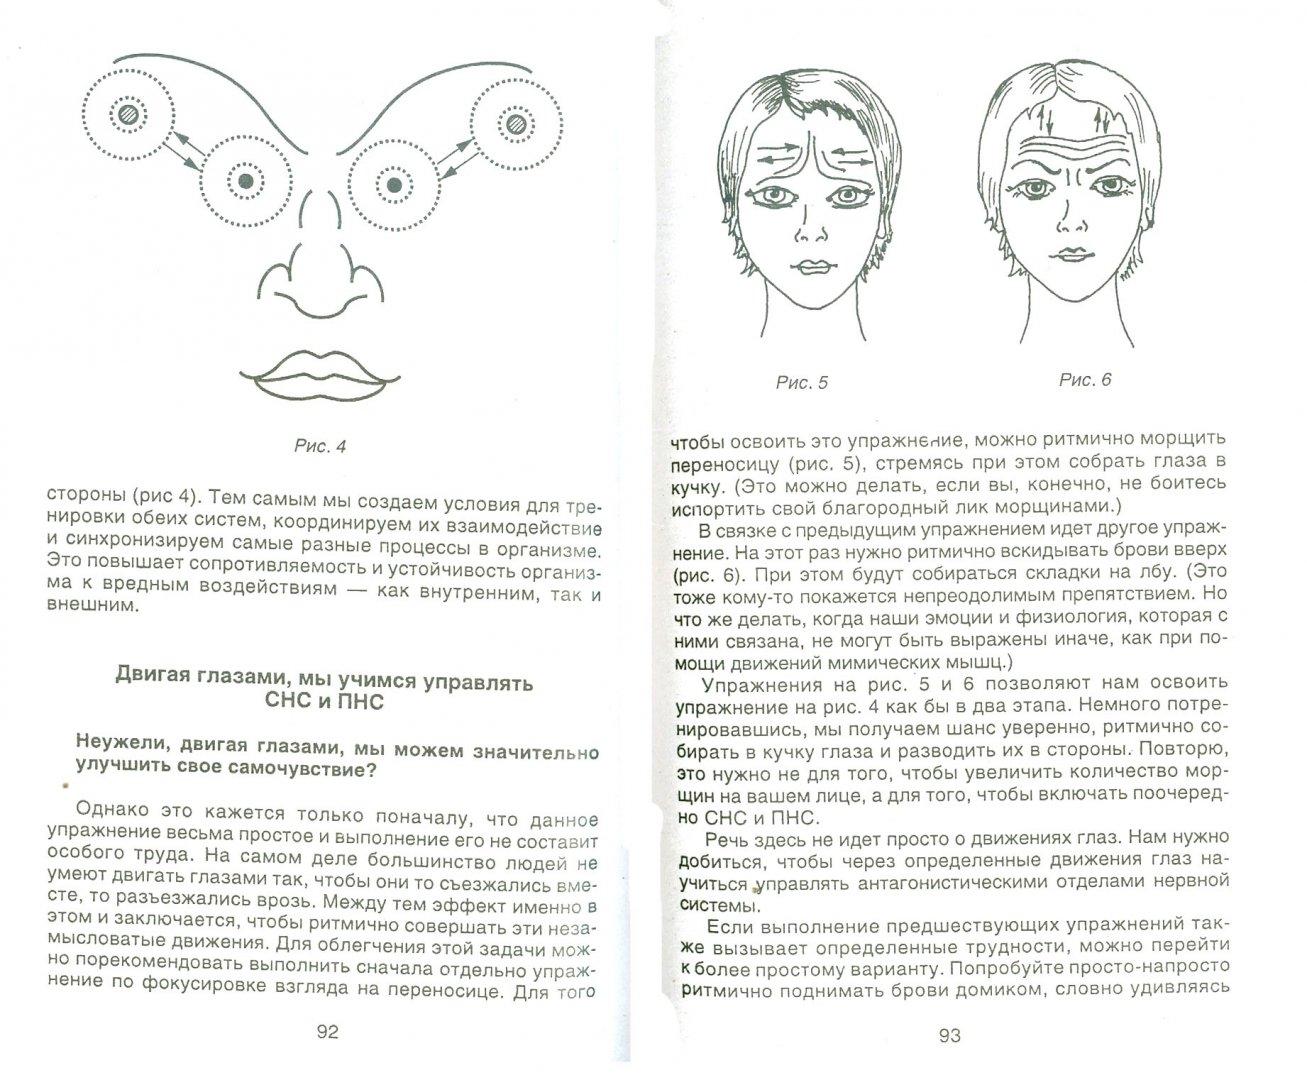 Иллюстрация 1 из 2 для Энергетика здоровья. Как помочь организму вылечить себя - Александр Белов | Лабиринт - книги. Источник: Лабиринт